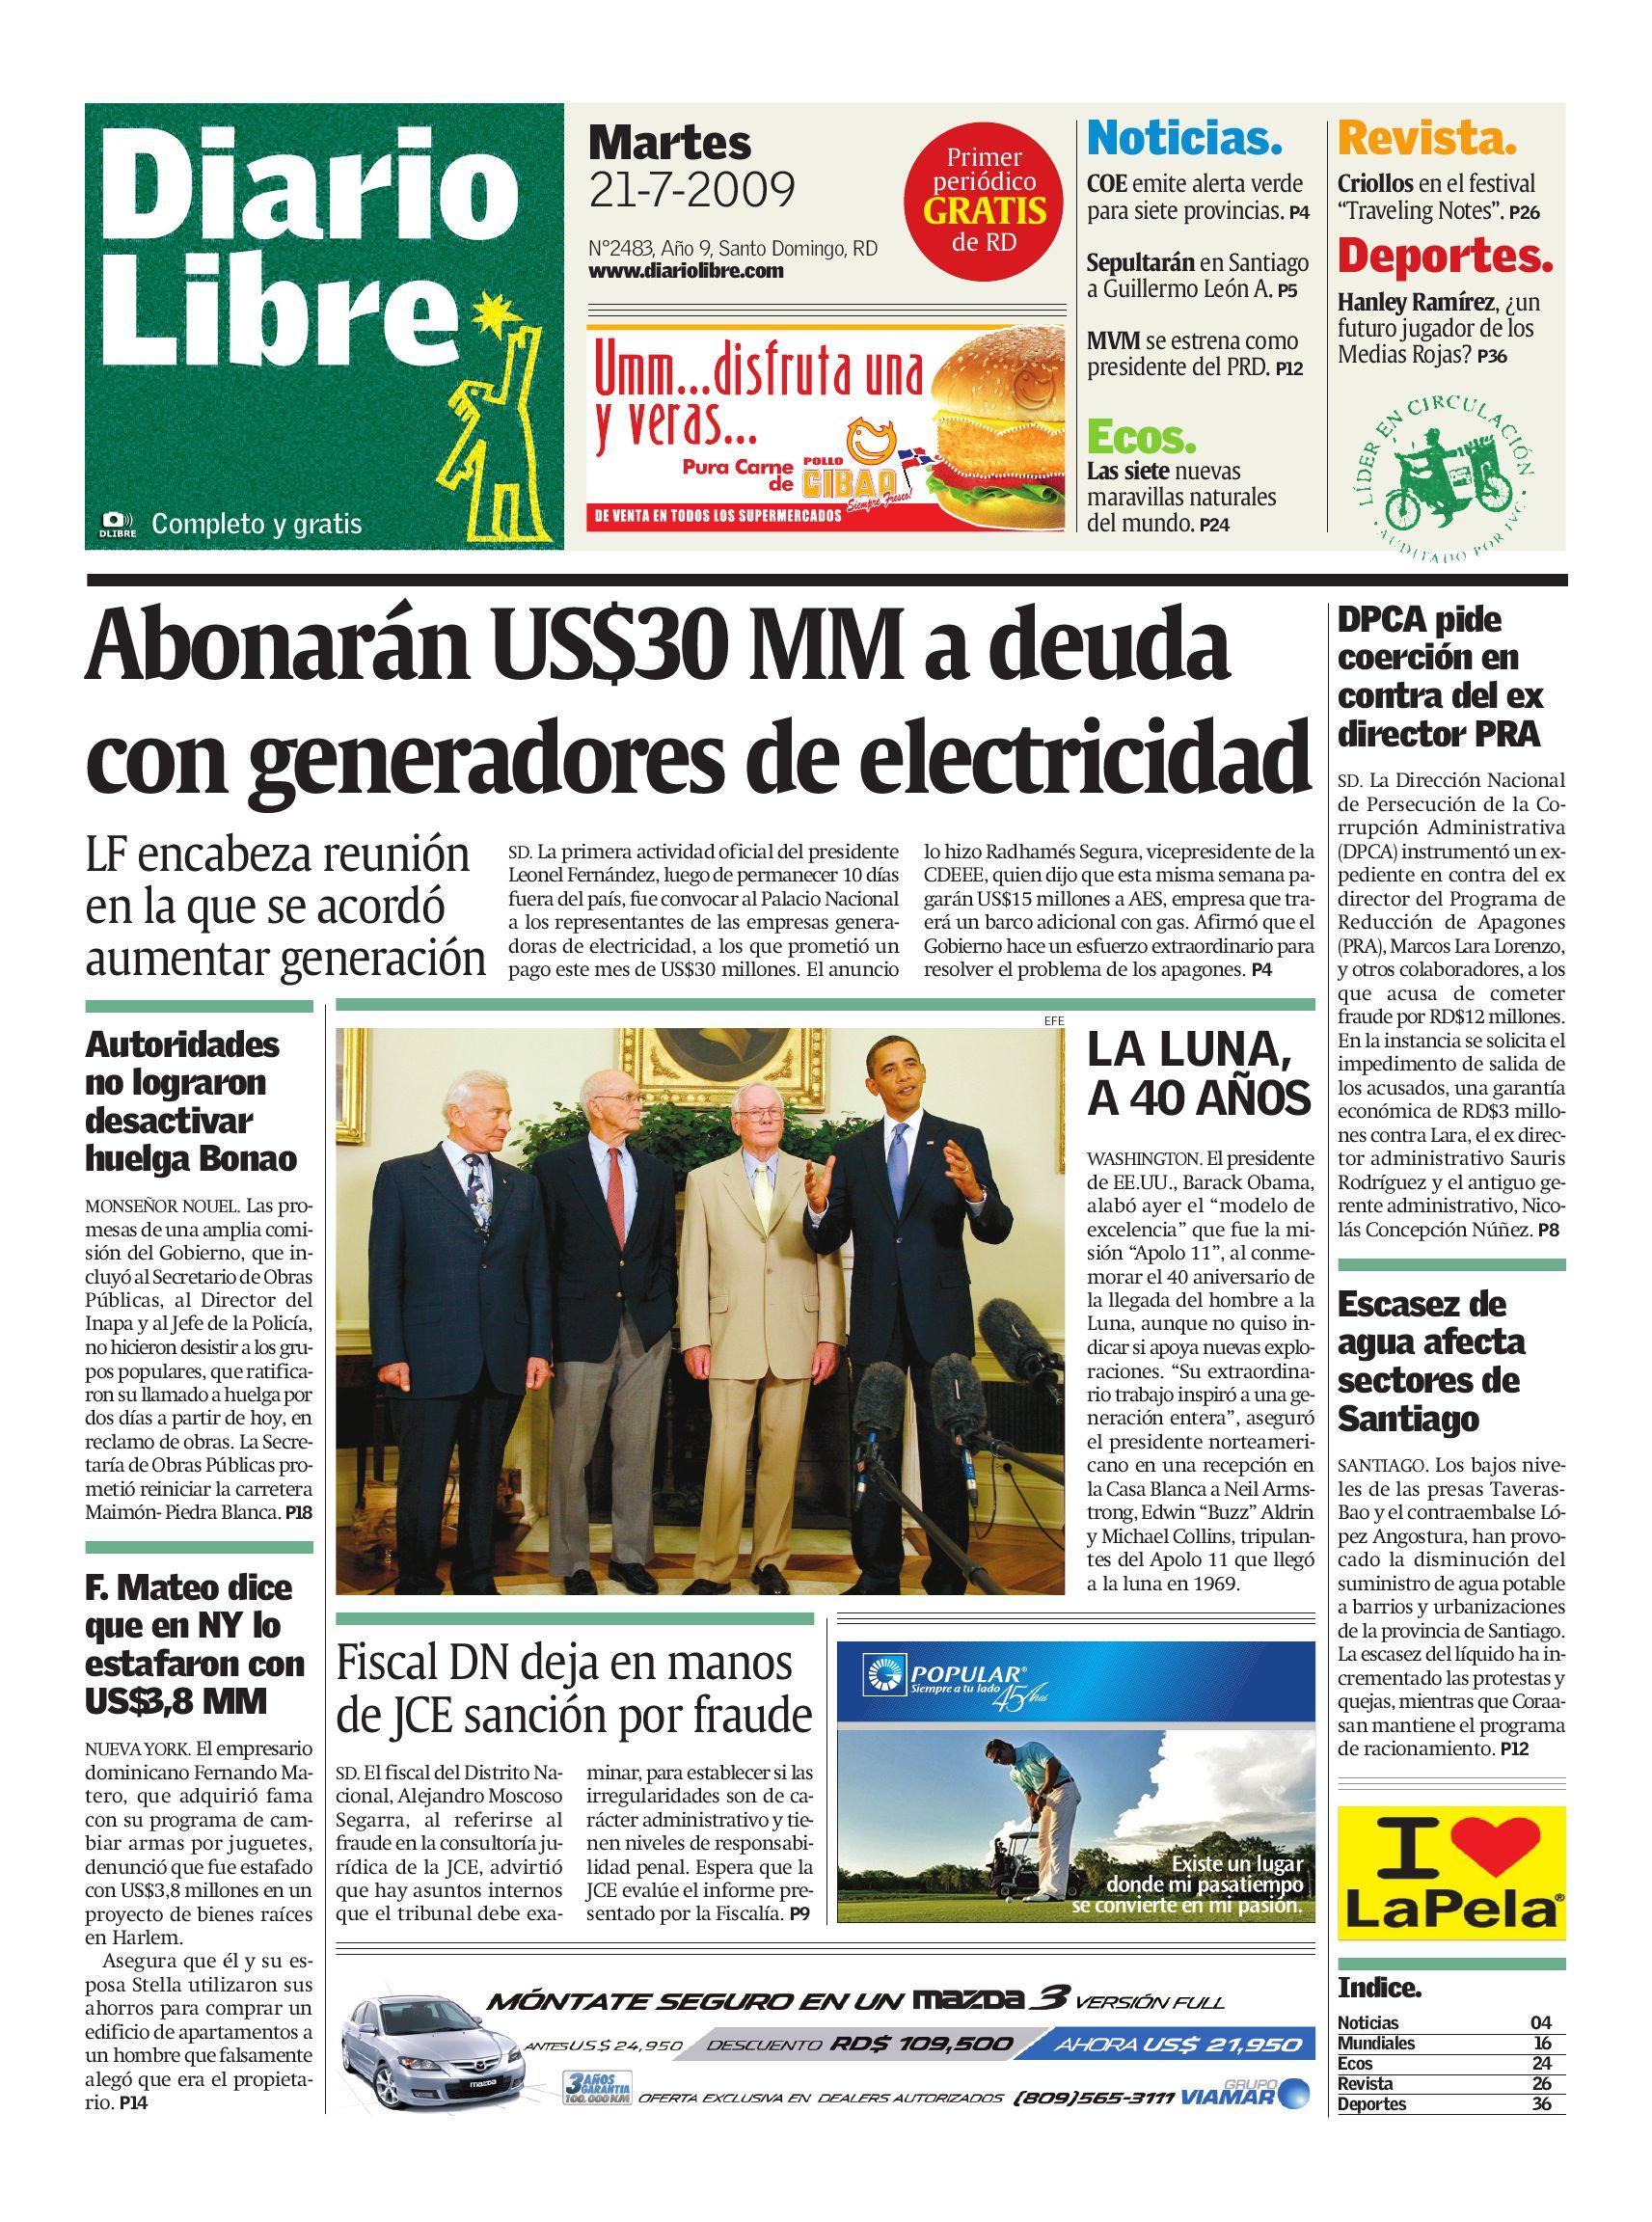 diariolibre2483 by Grupo Diario Libre, S. A. - issuu